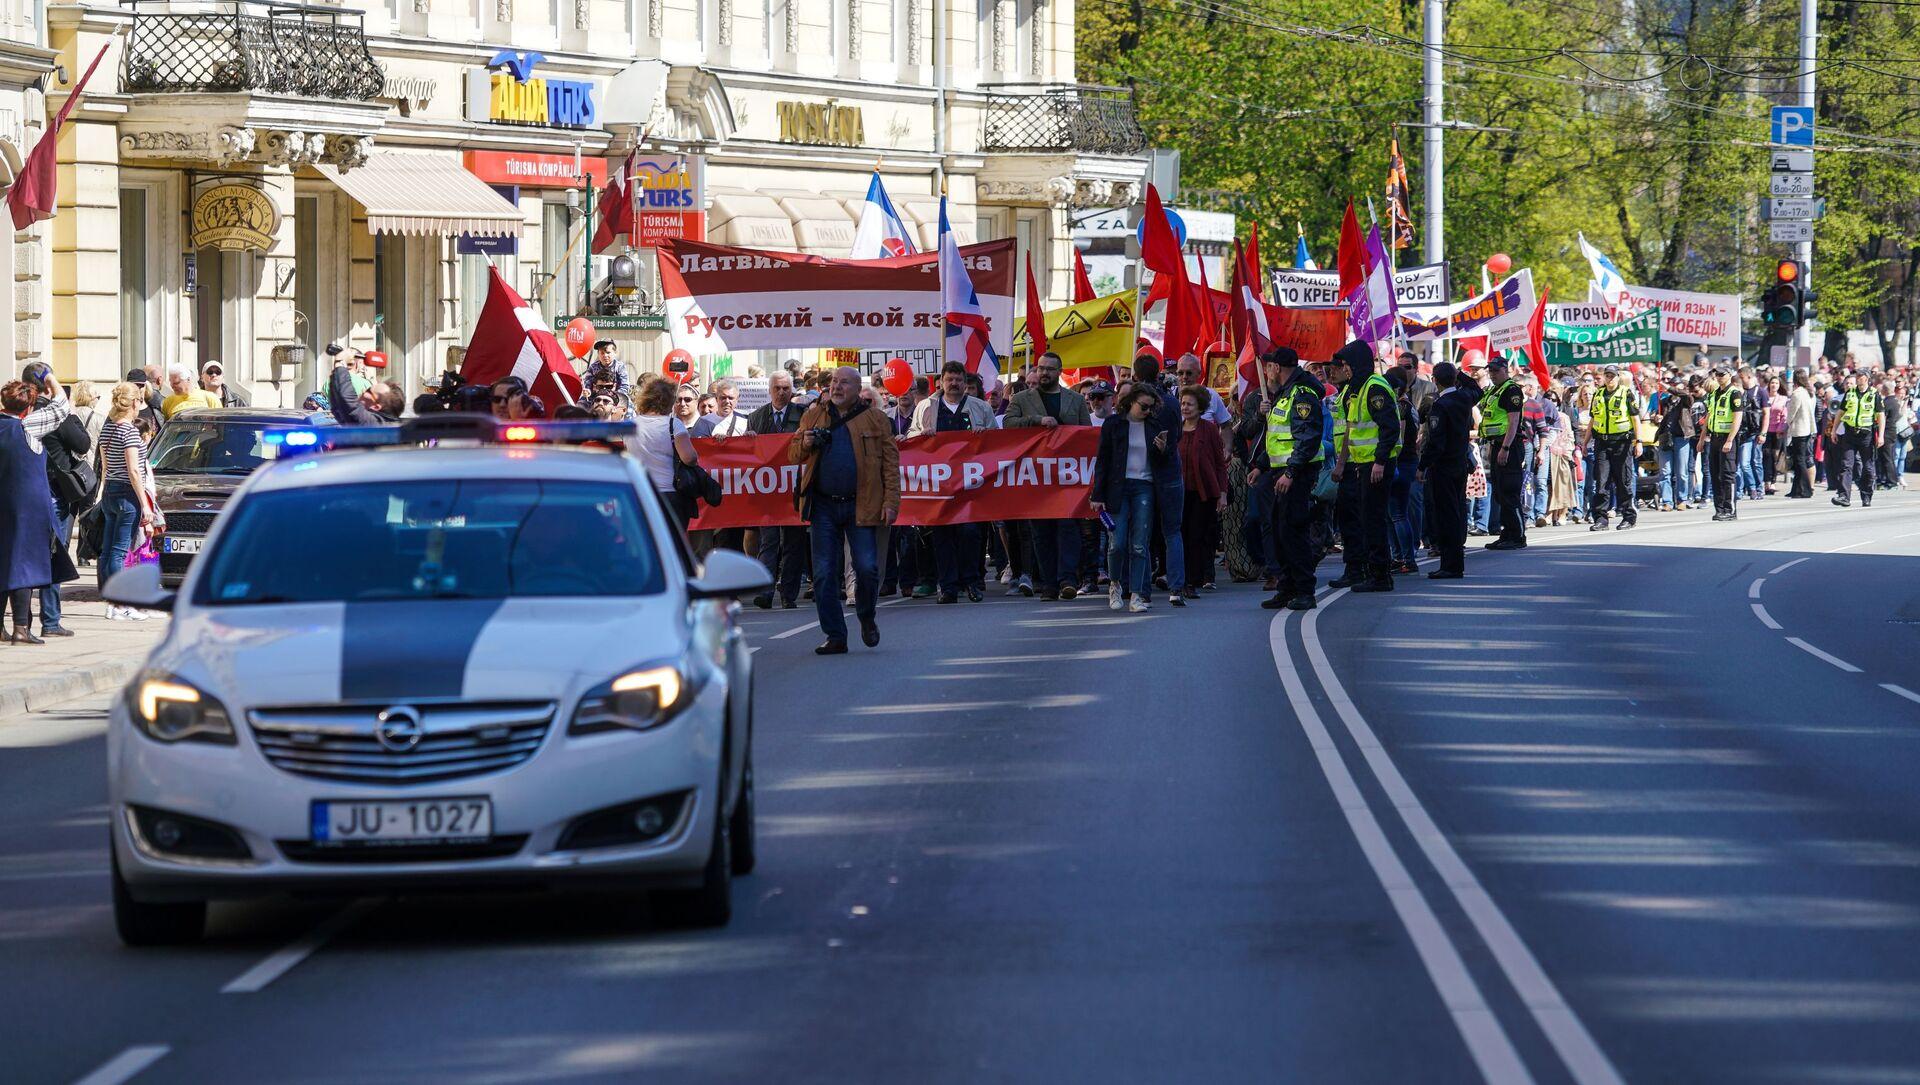 Pierwszomajowa demonstracja sztabu obrońców rosyjskich szkół w Rydze - Sputnik Polska, 1920, 20.06.2021